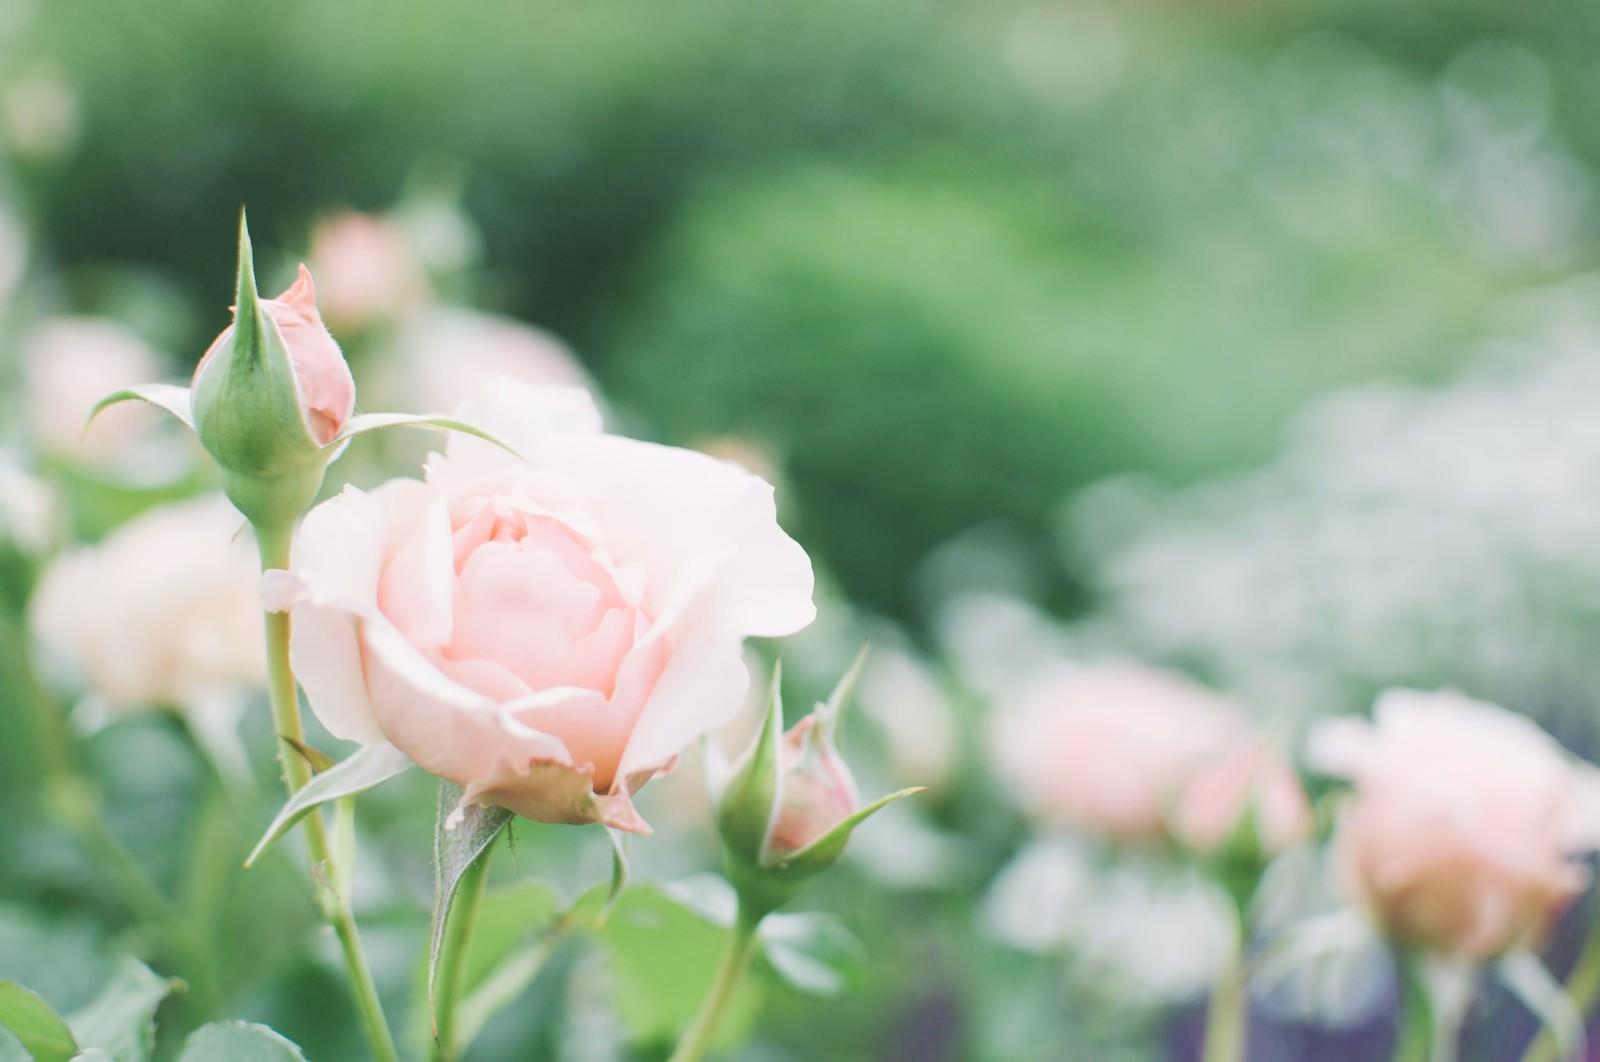 「薄桃色の薔薇」の写真